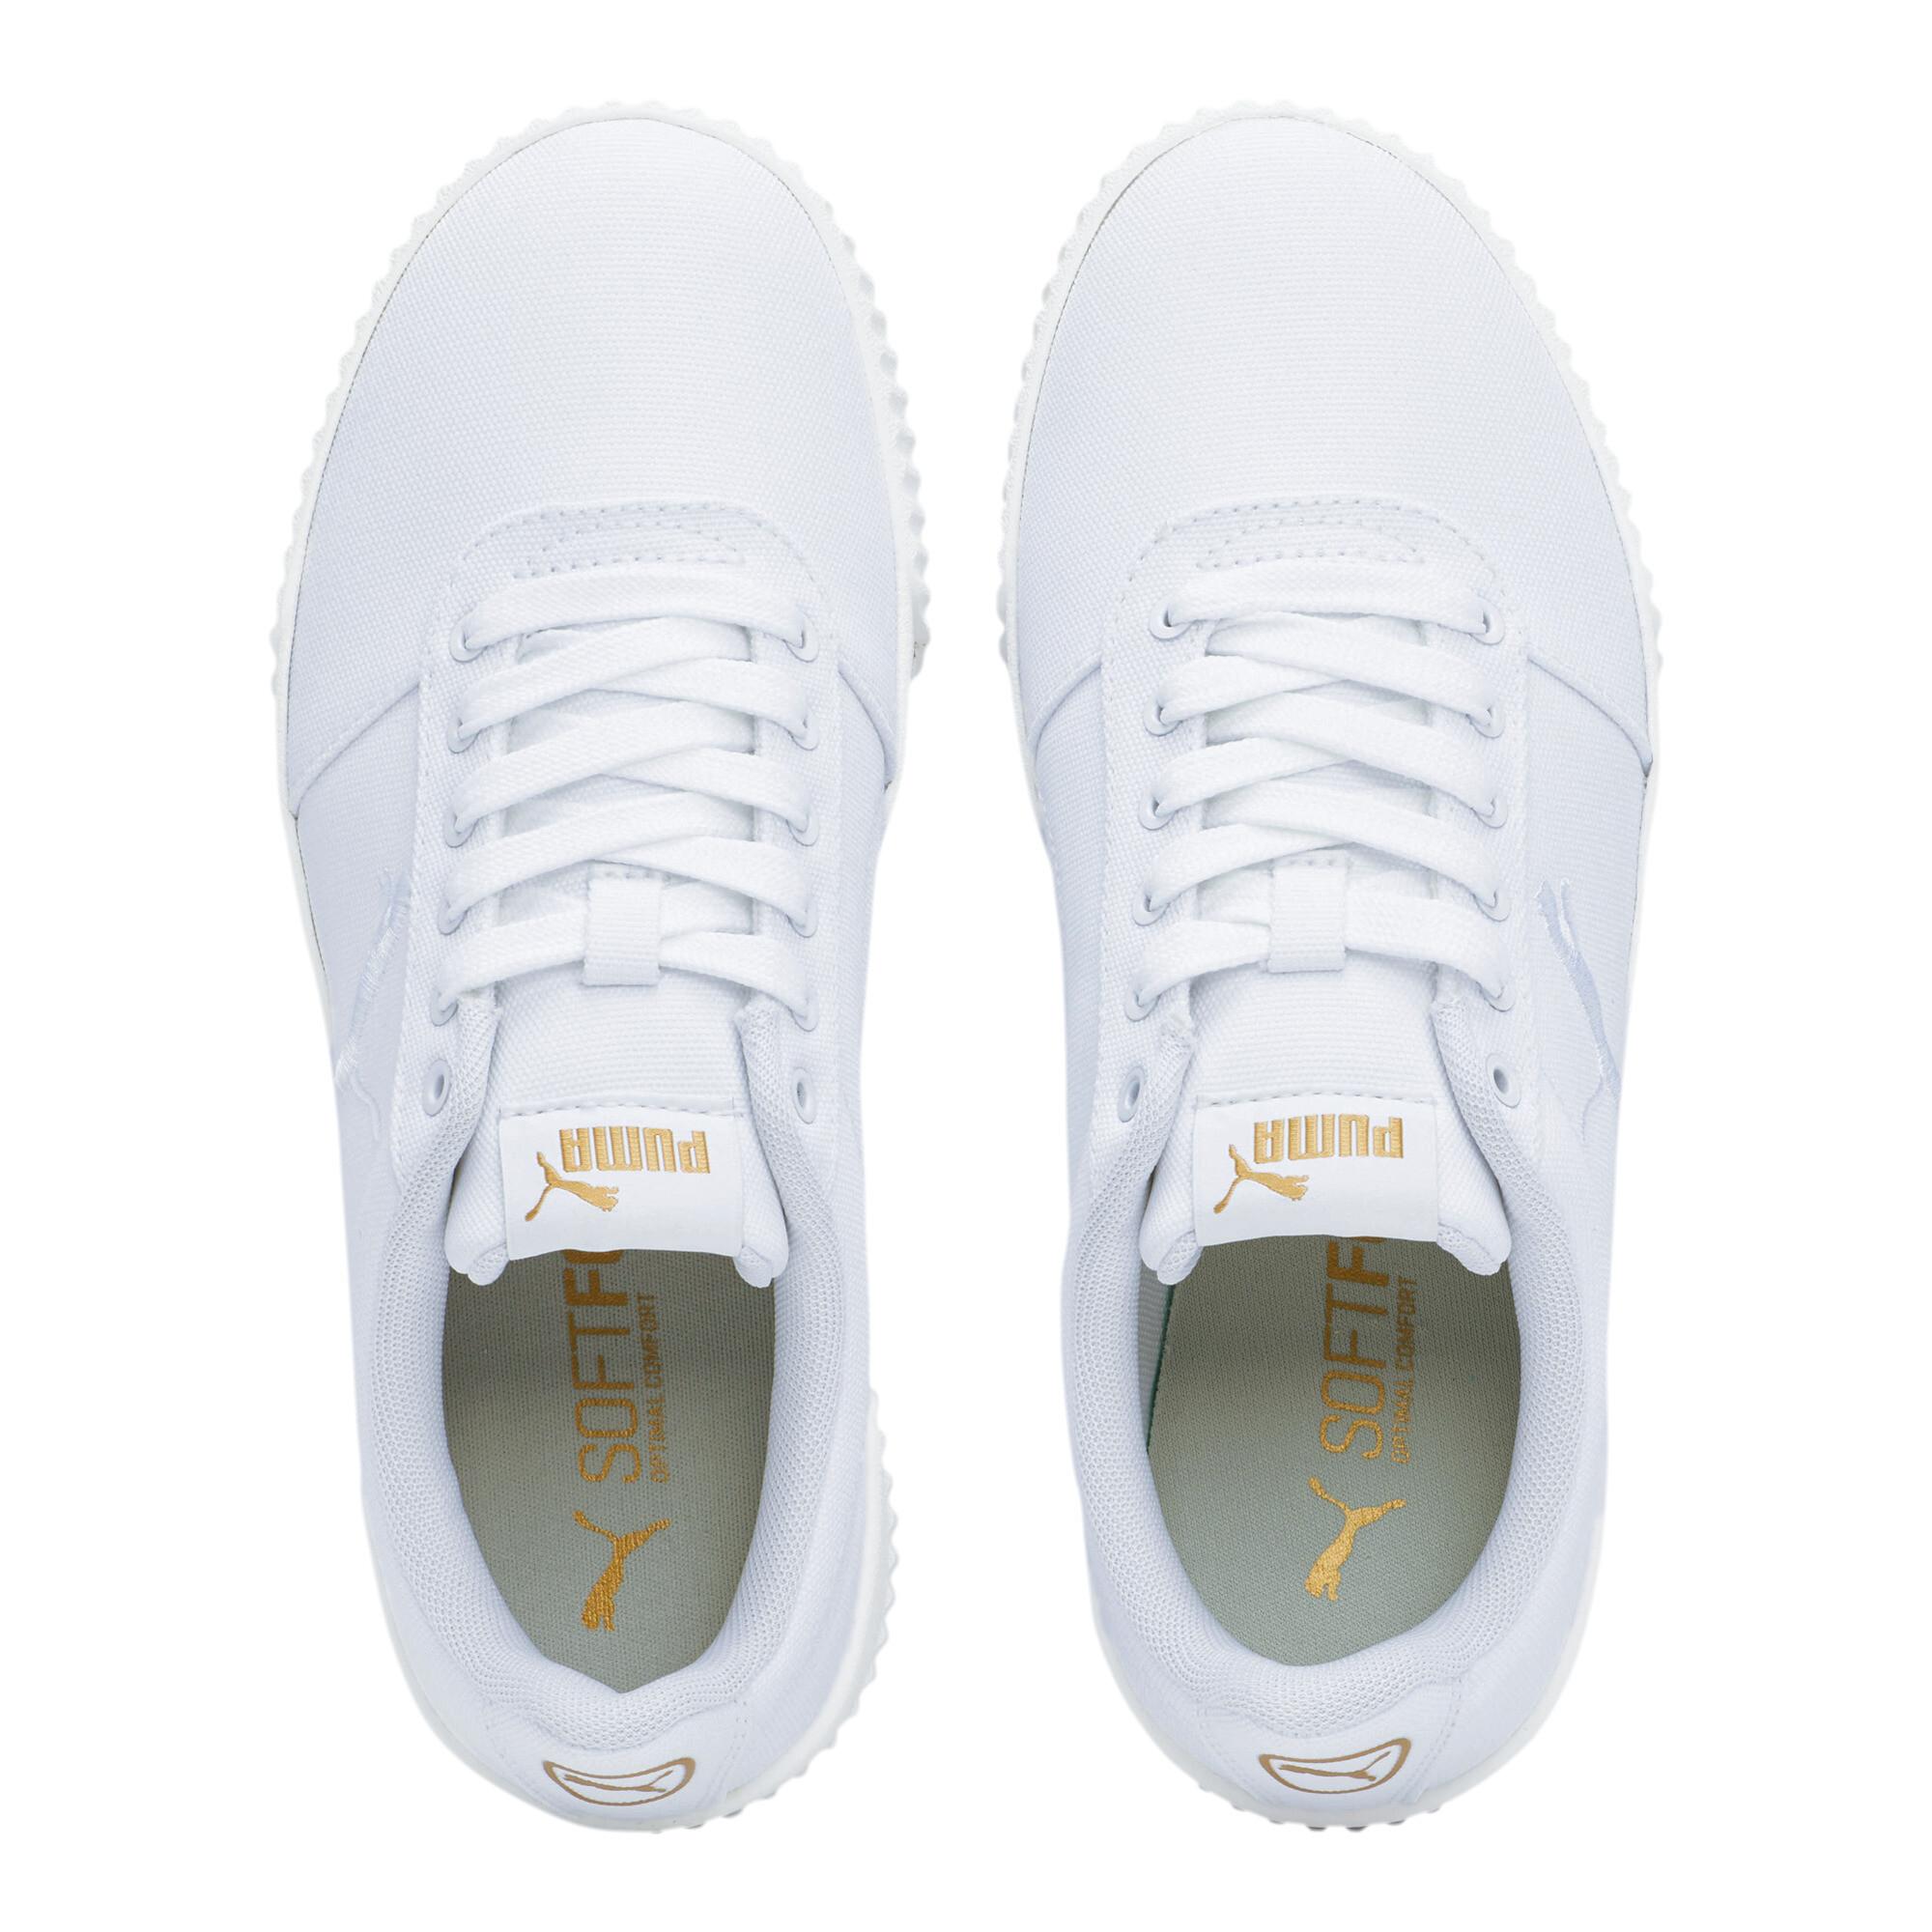 PUMA-Women-039-s-Carina-Summer-Cat-Sneakers thumbnail 7